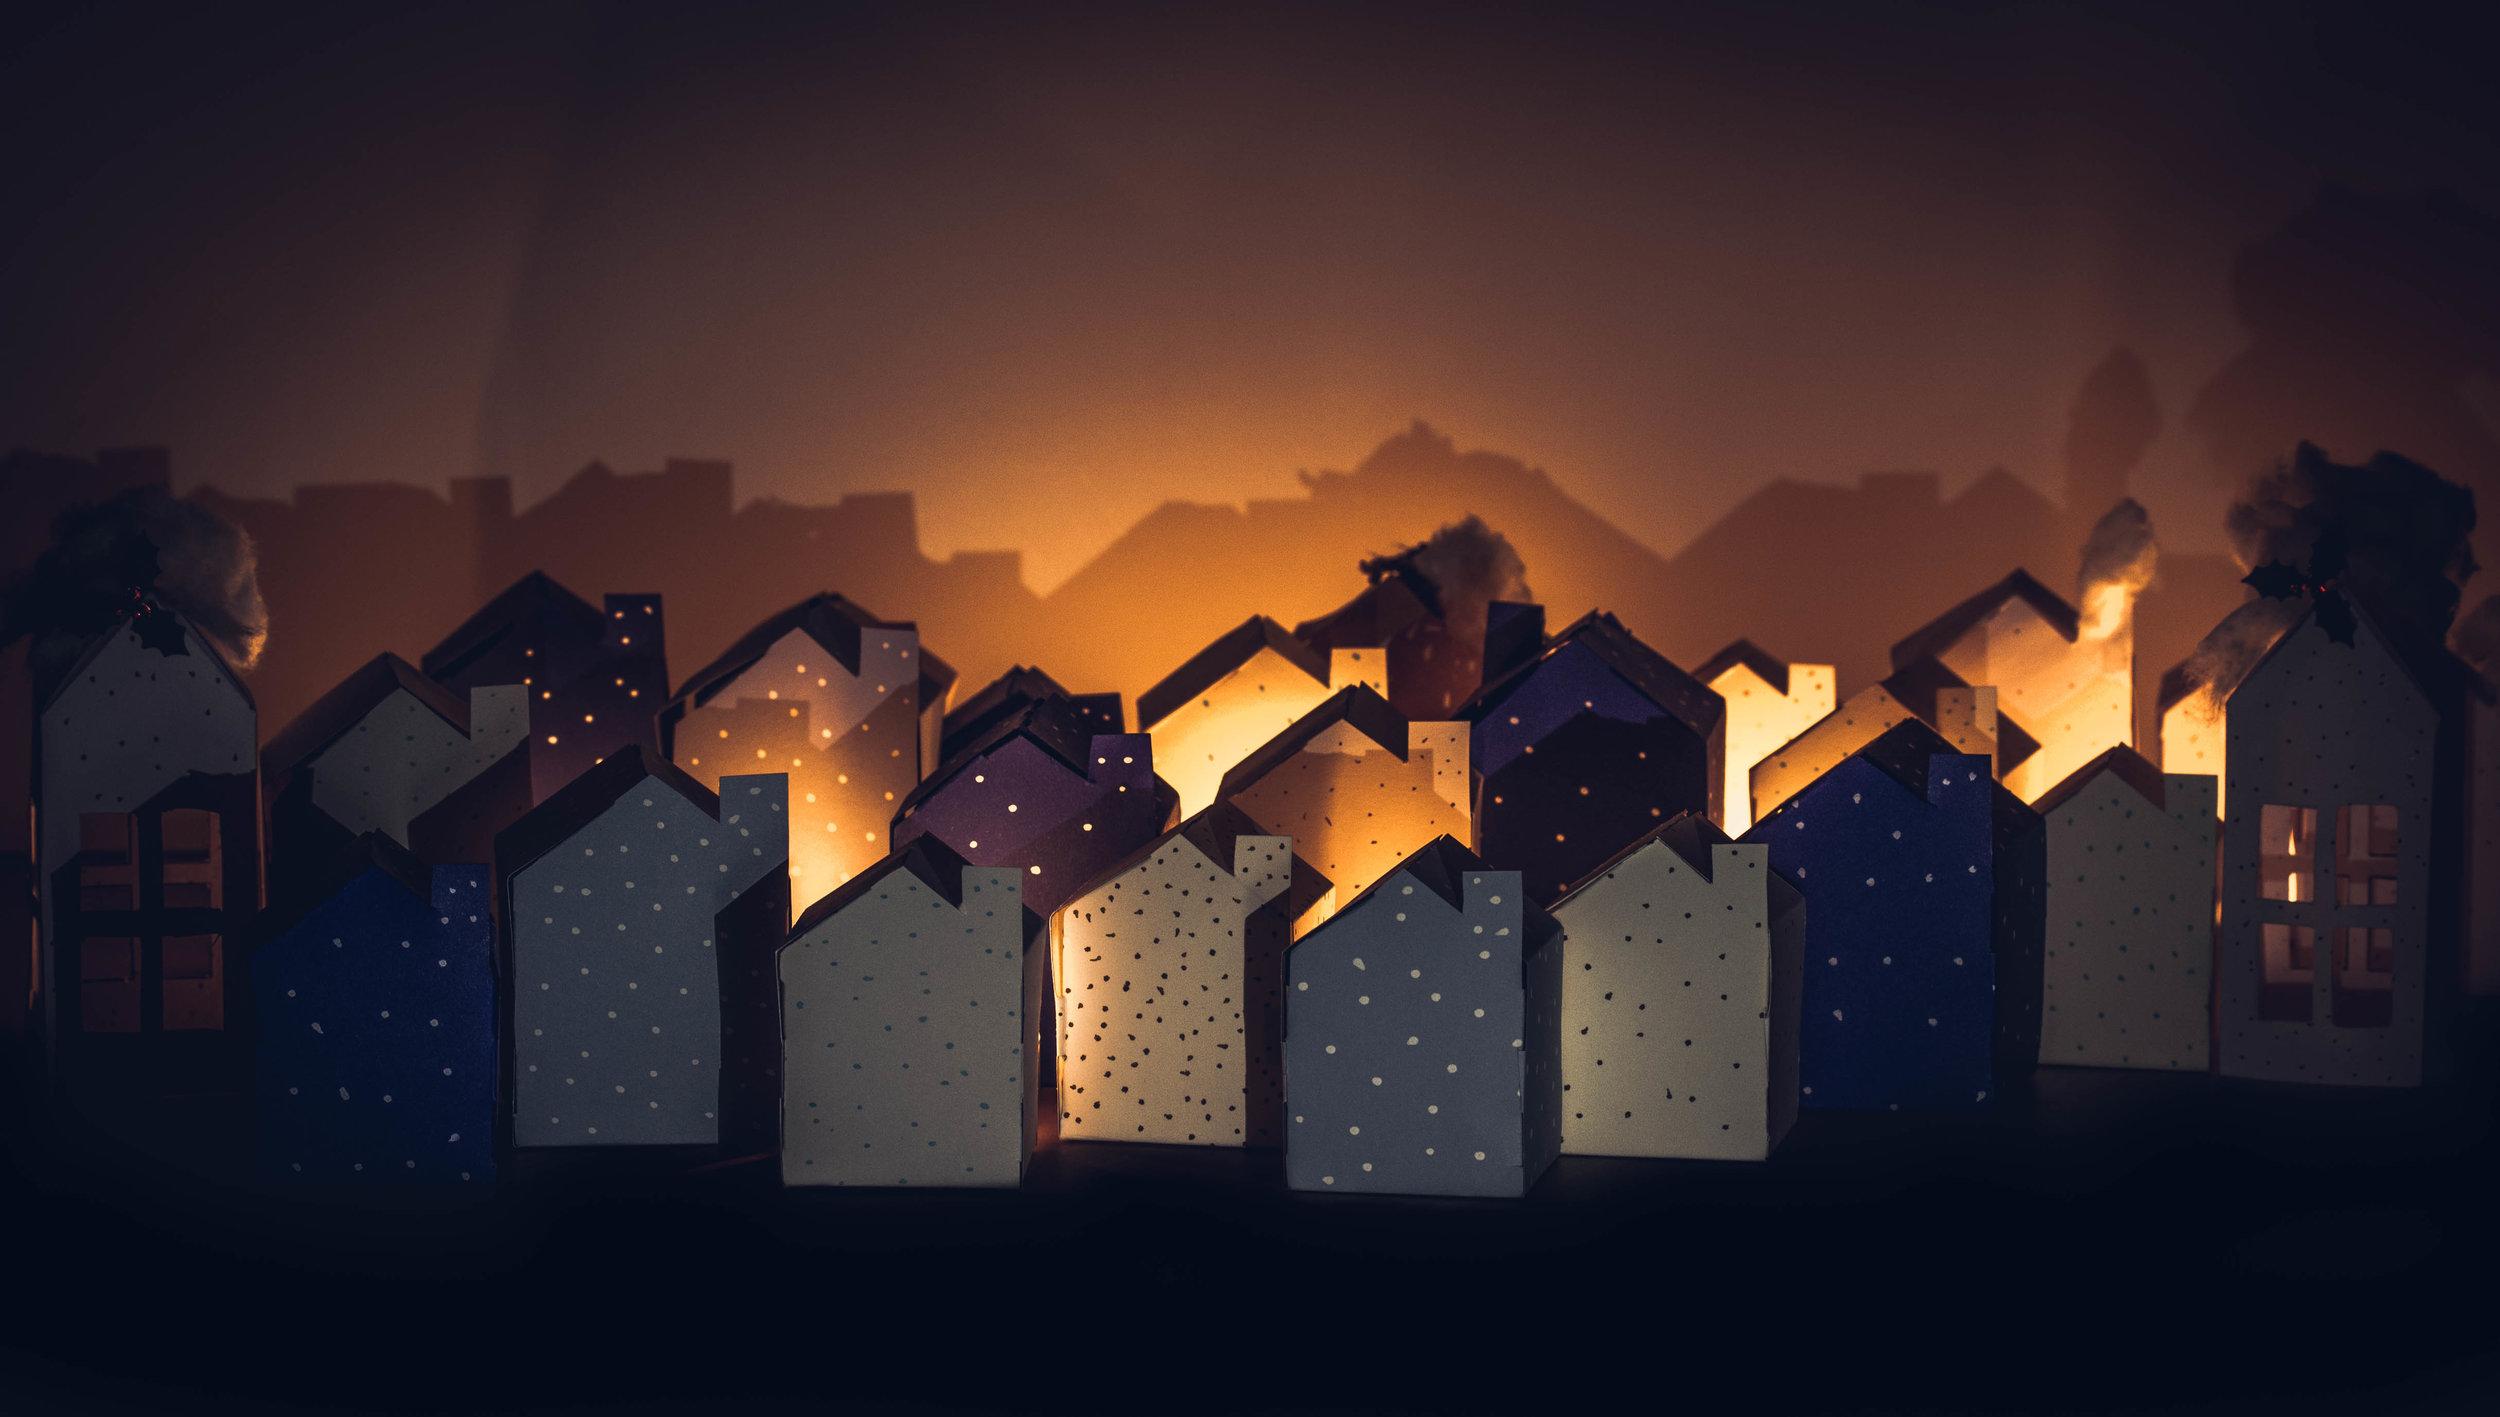 24 maisons construites avec patience et passion - dessine-moi une maison